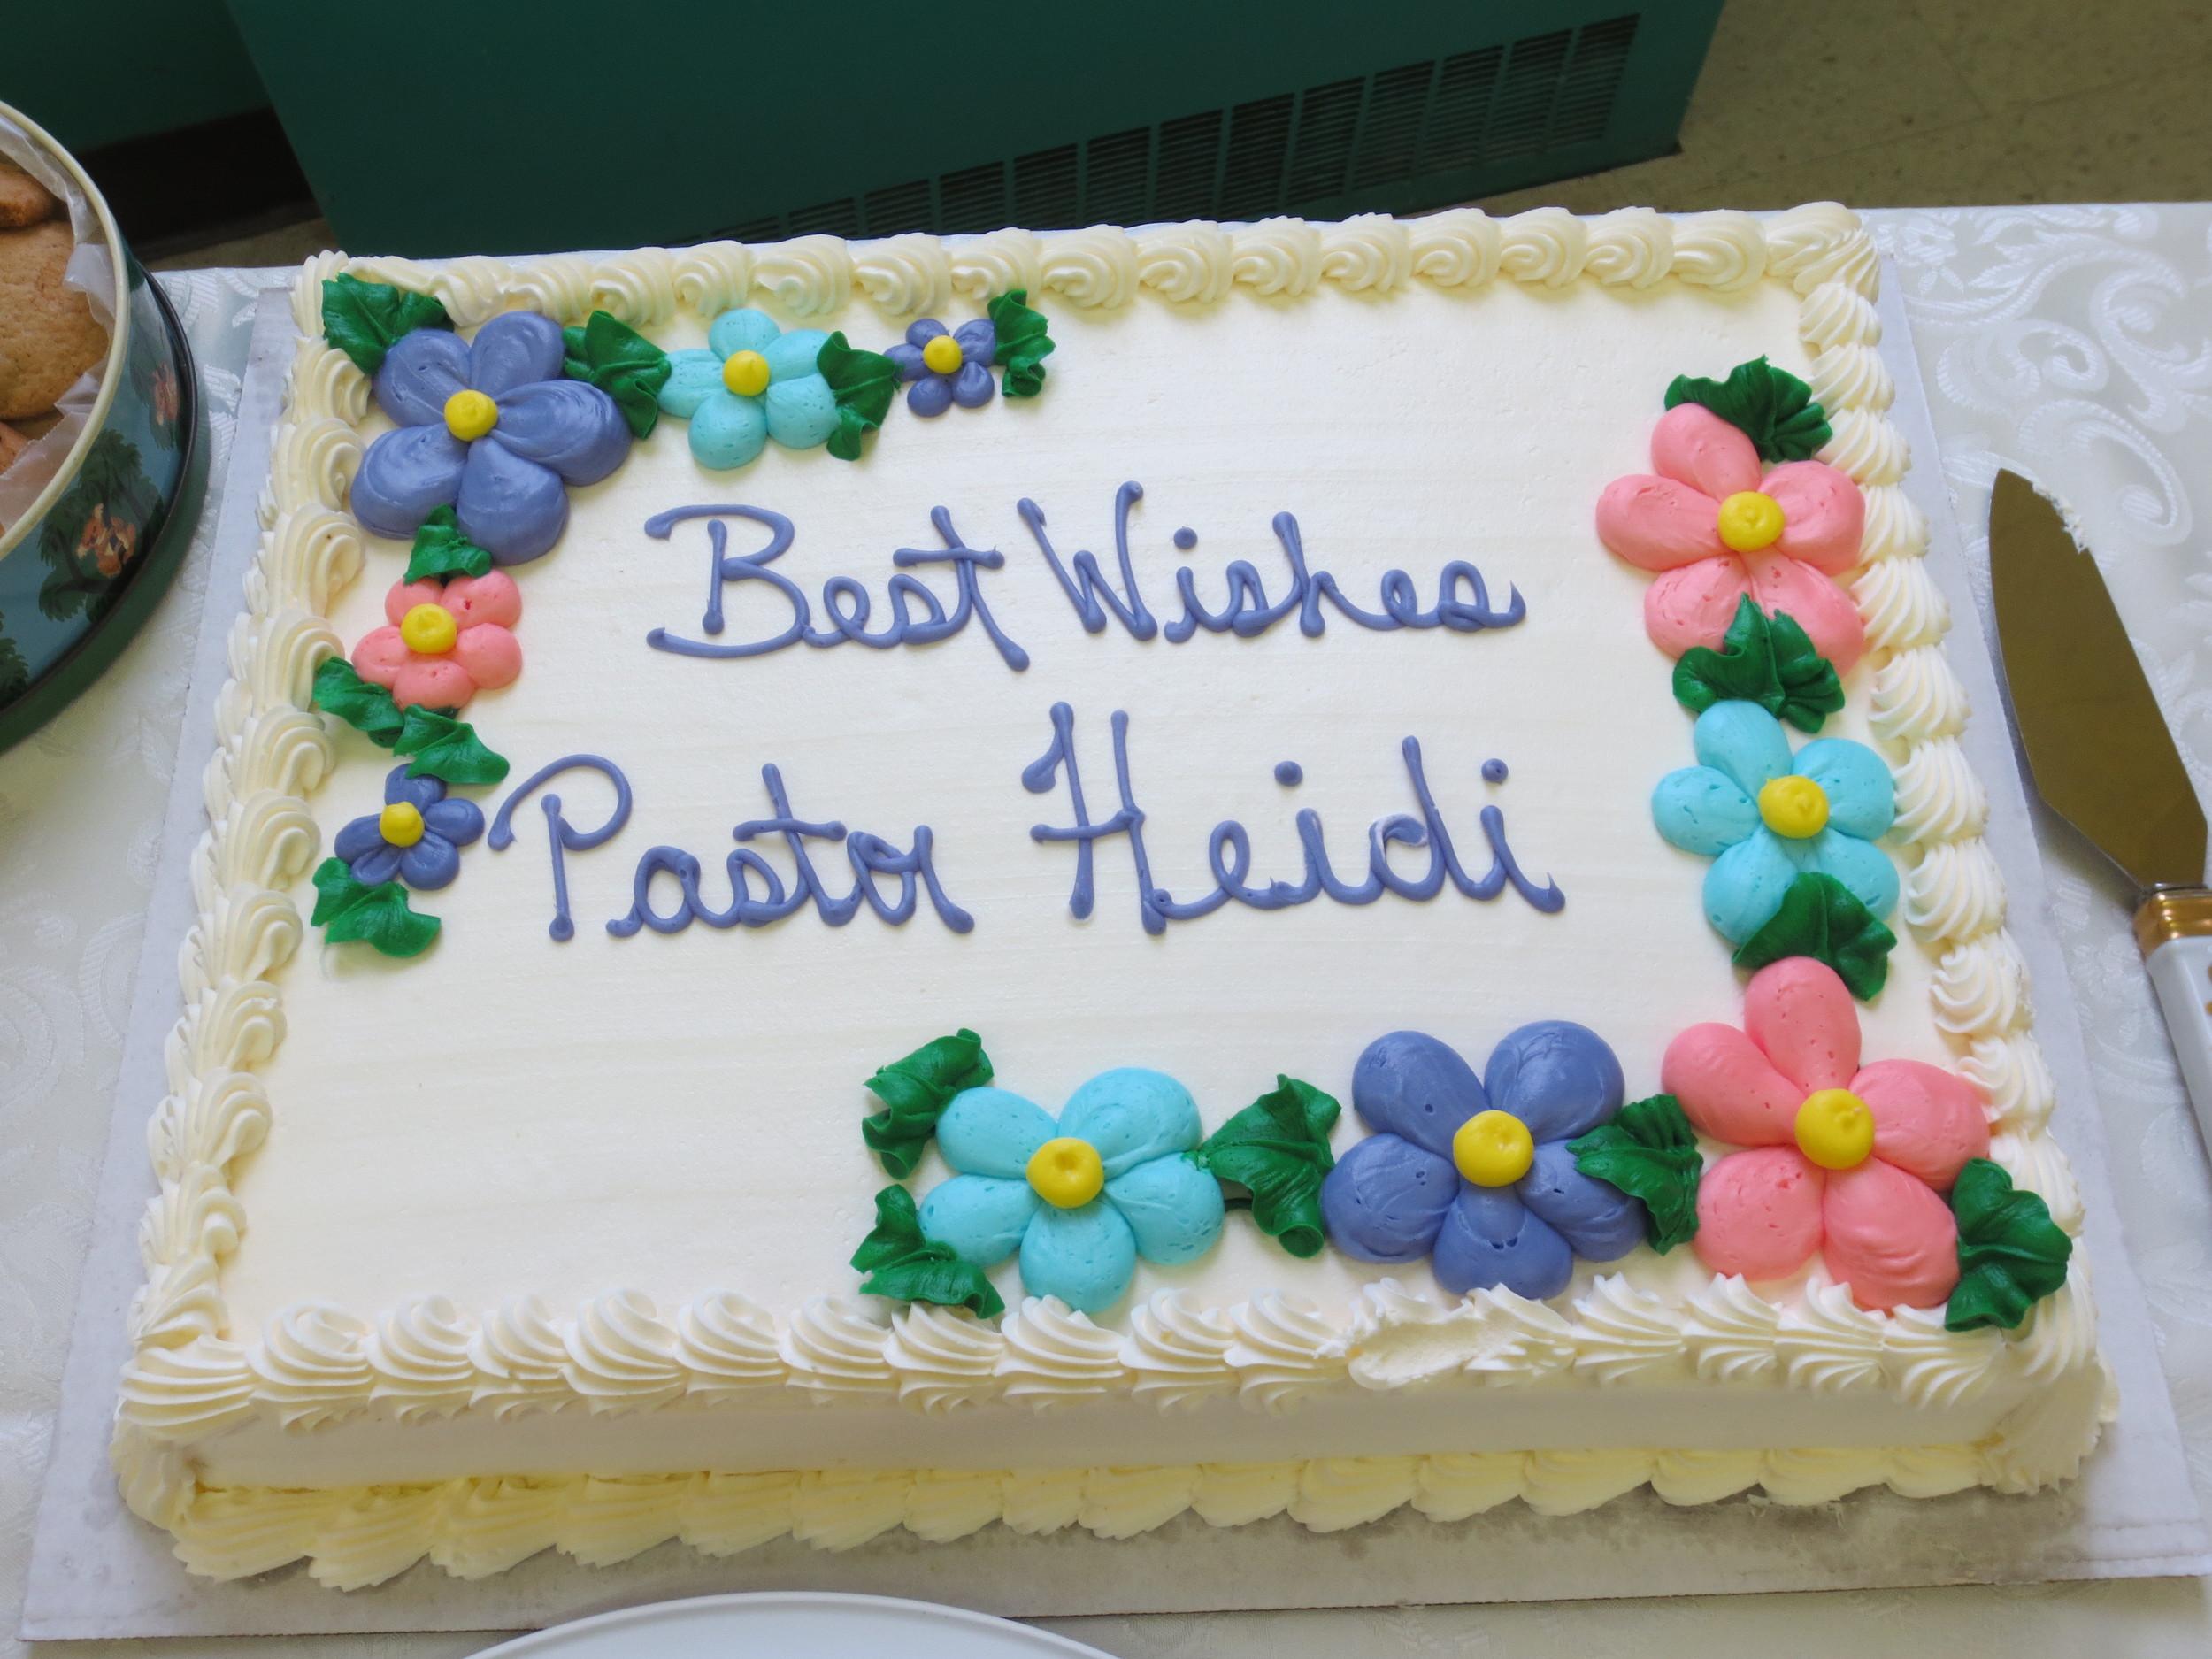 Tasty Best Wishes